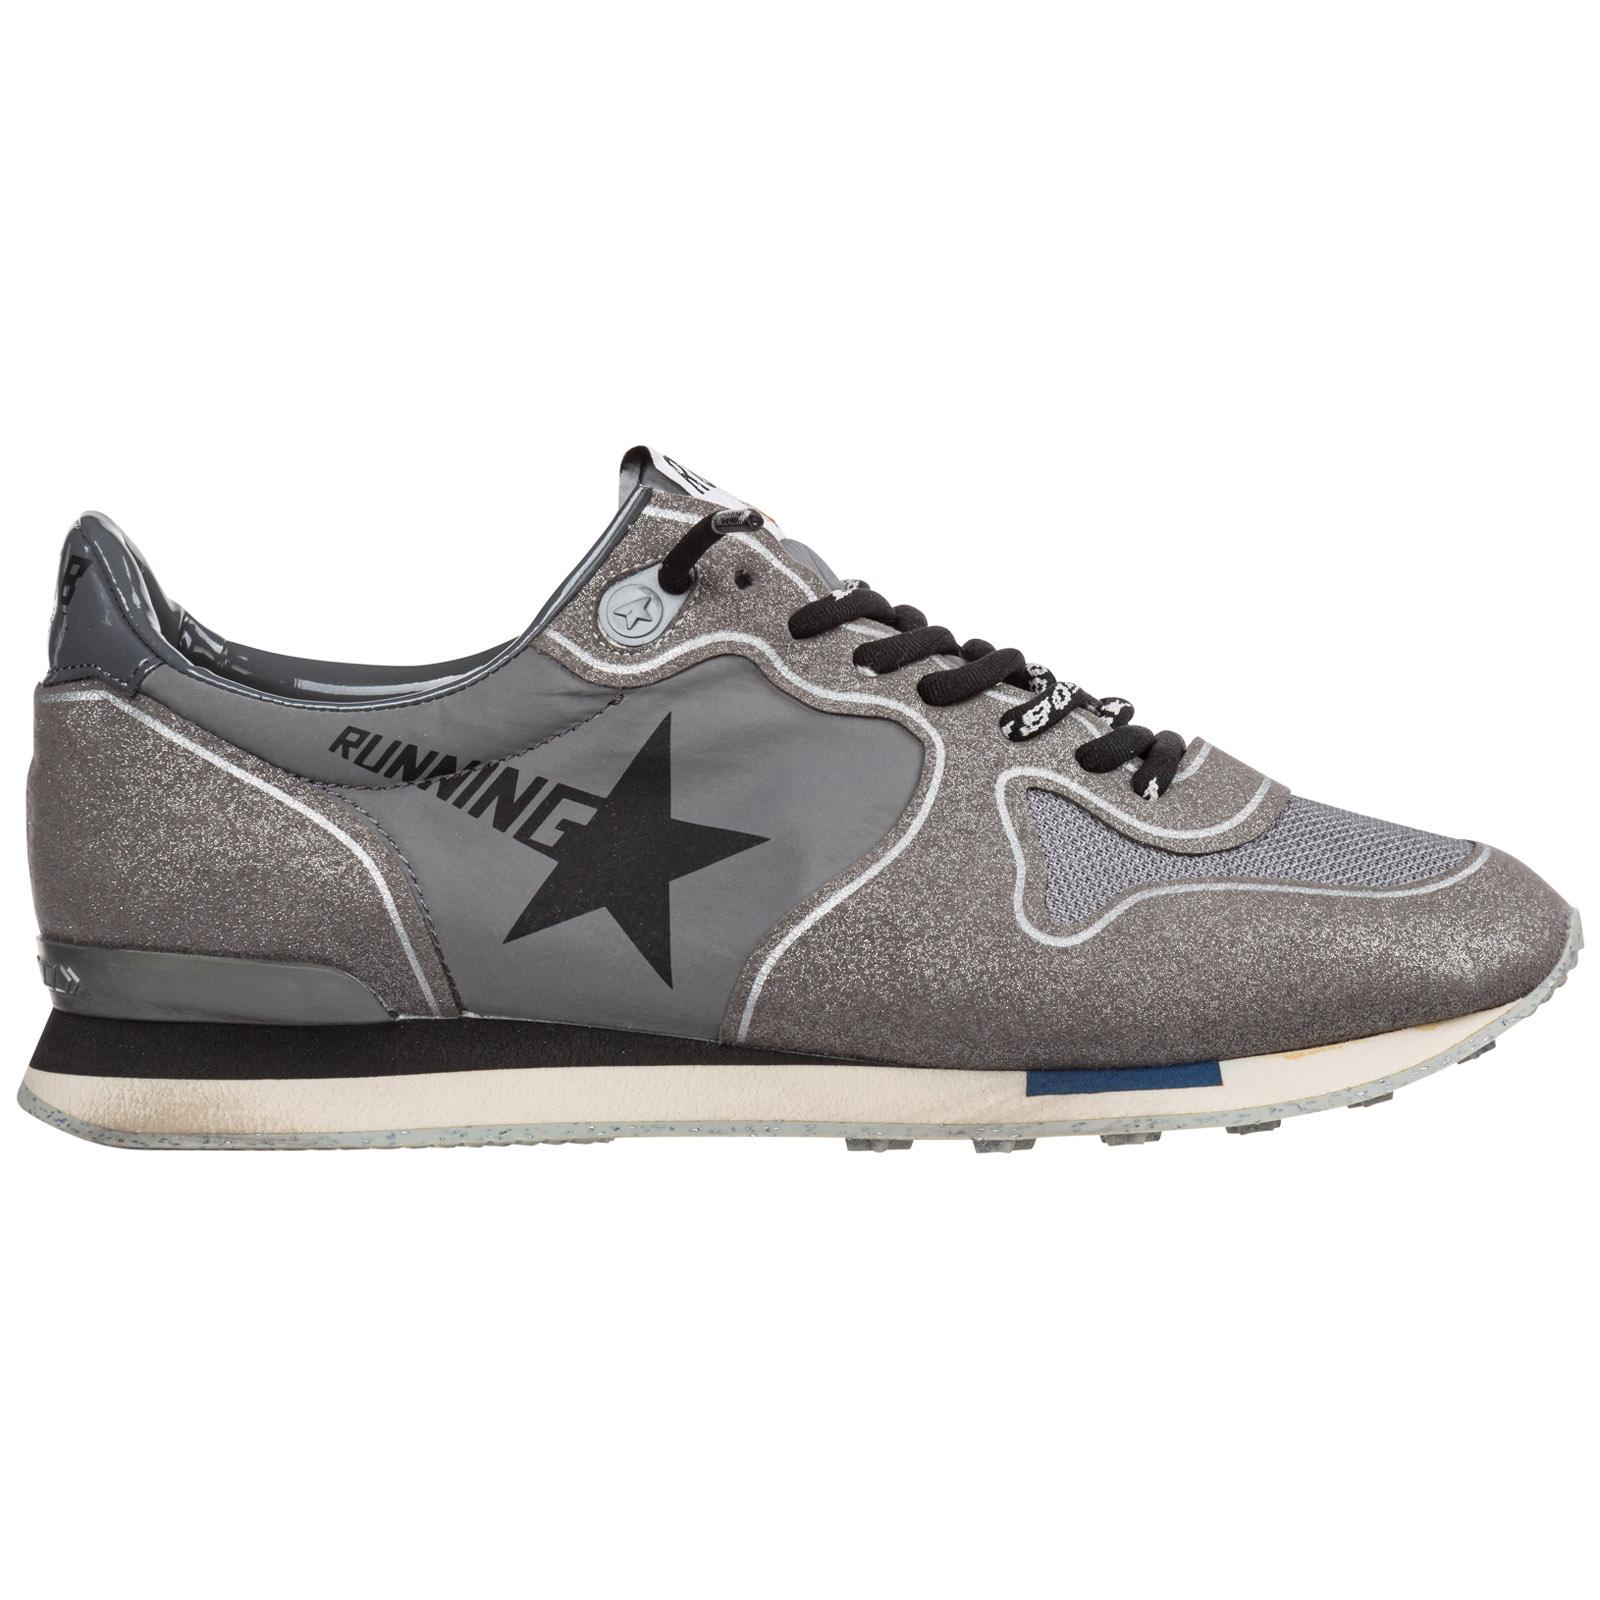 Running shoes Golden Goose G27D123.H8